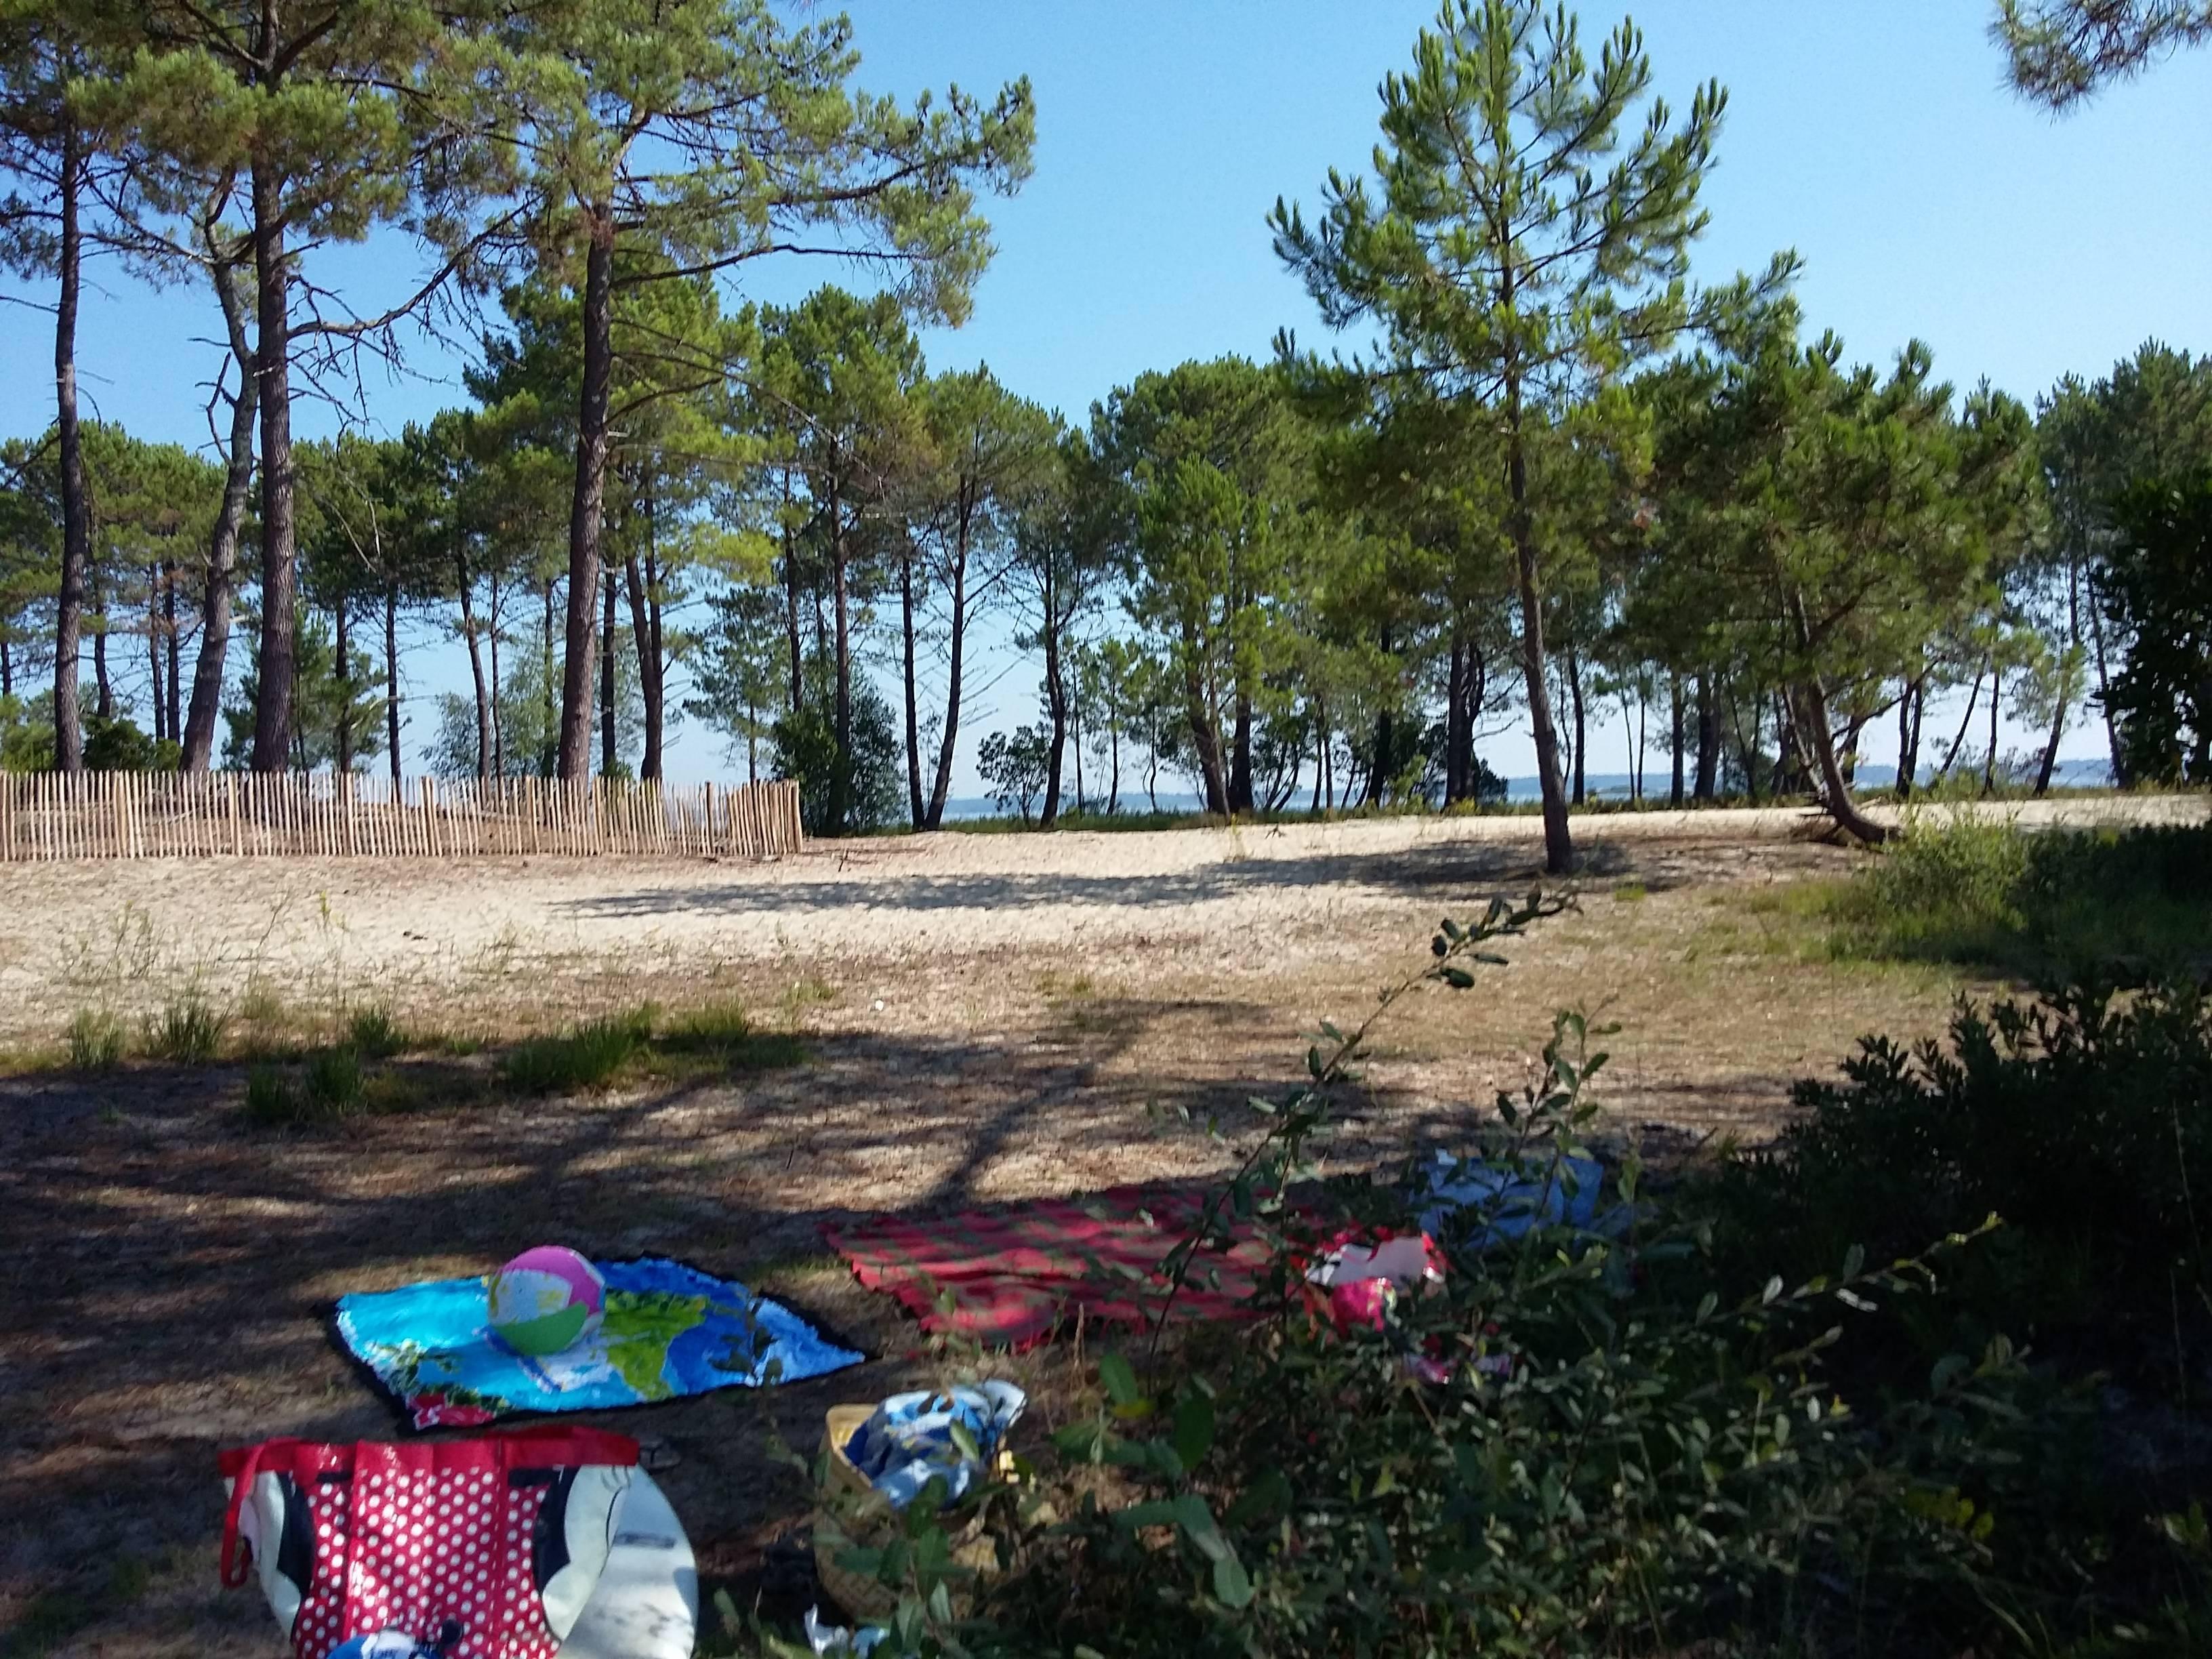 Photo 2: Sur la plage abandonnée au lac de lacanau